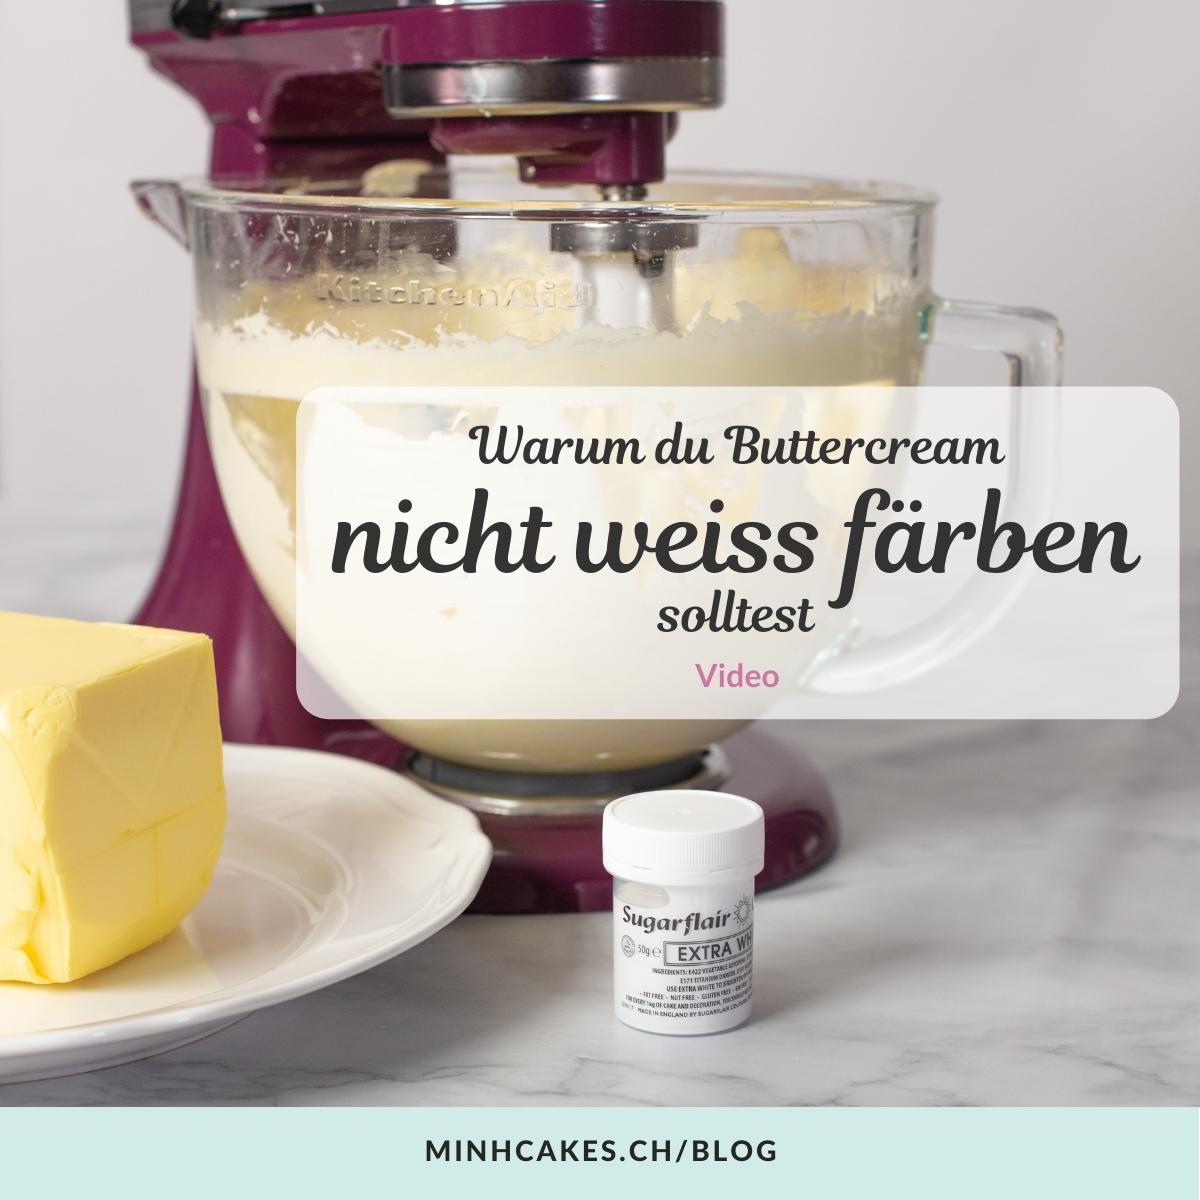 Minh Cakes - Buttercream weiss einfärben - warum nicht